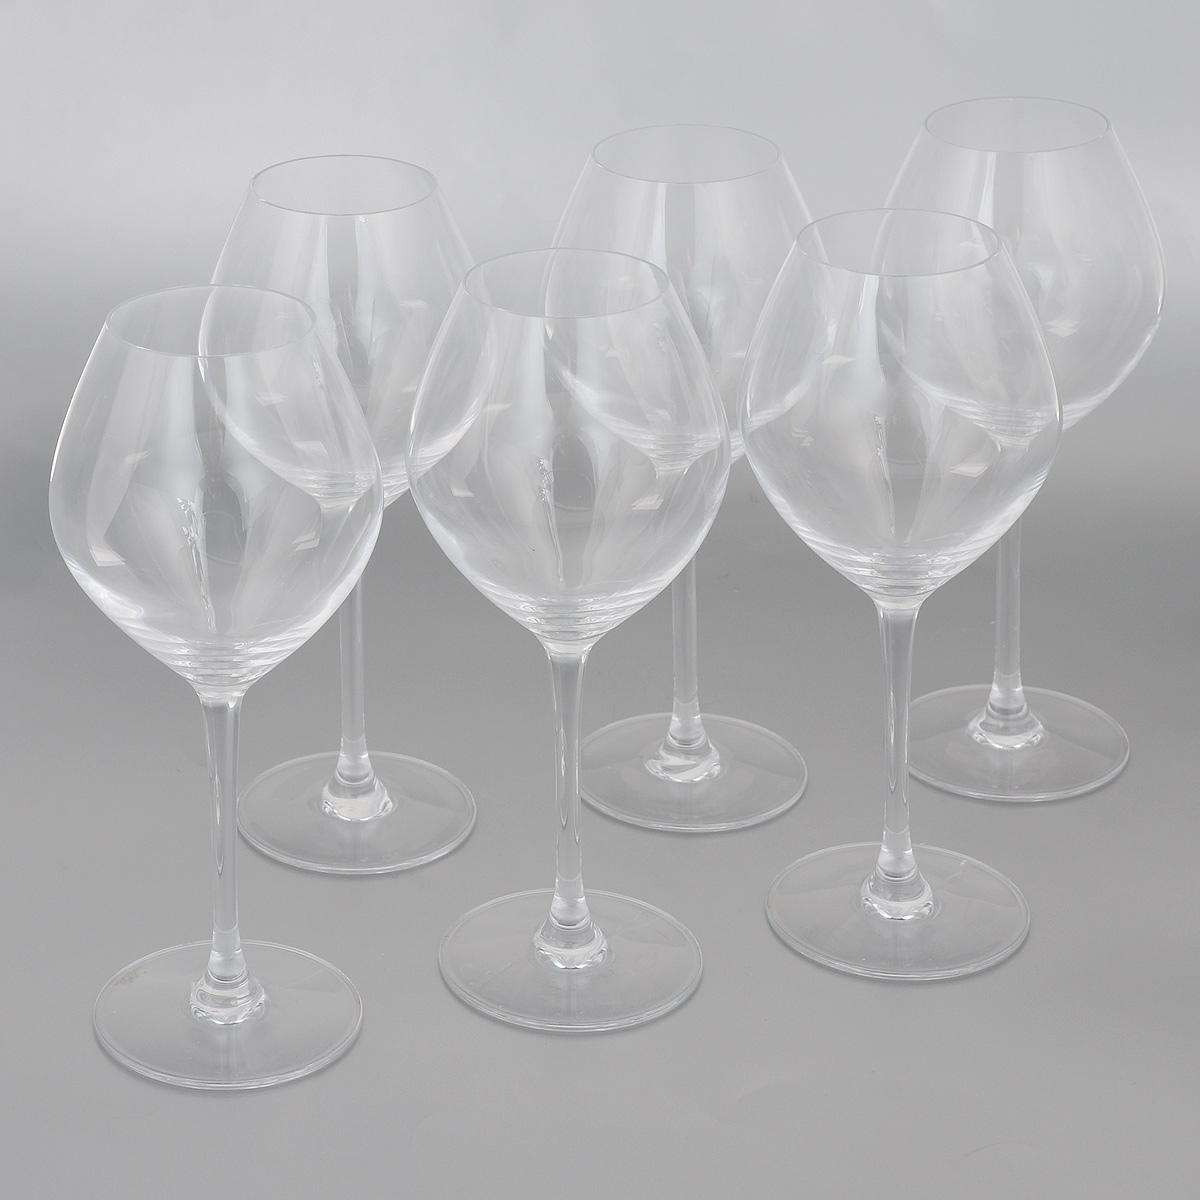 Набор фужеров Cristal dArques Wine Emotions, 470 мл, 6 штTL40-1688Набор Cristal dArques Wine Emotions состоит из 6 фужеров на длинных ножках,из специально разработанного стекла Diamax. Такой набор прекрасно дополнит праздничный стол и станет желанным подарком в любом доме.Диаметр фужера (по верхнему краю): 6 см. Высота фужера: 22 см. Диаметр основания фужера: 8 см.